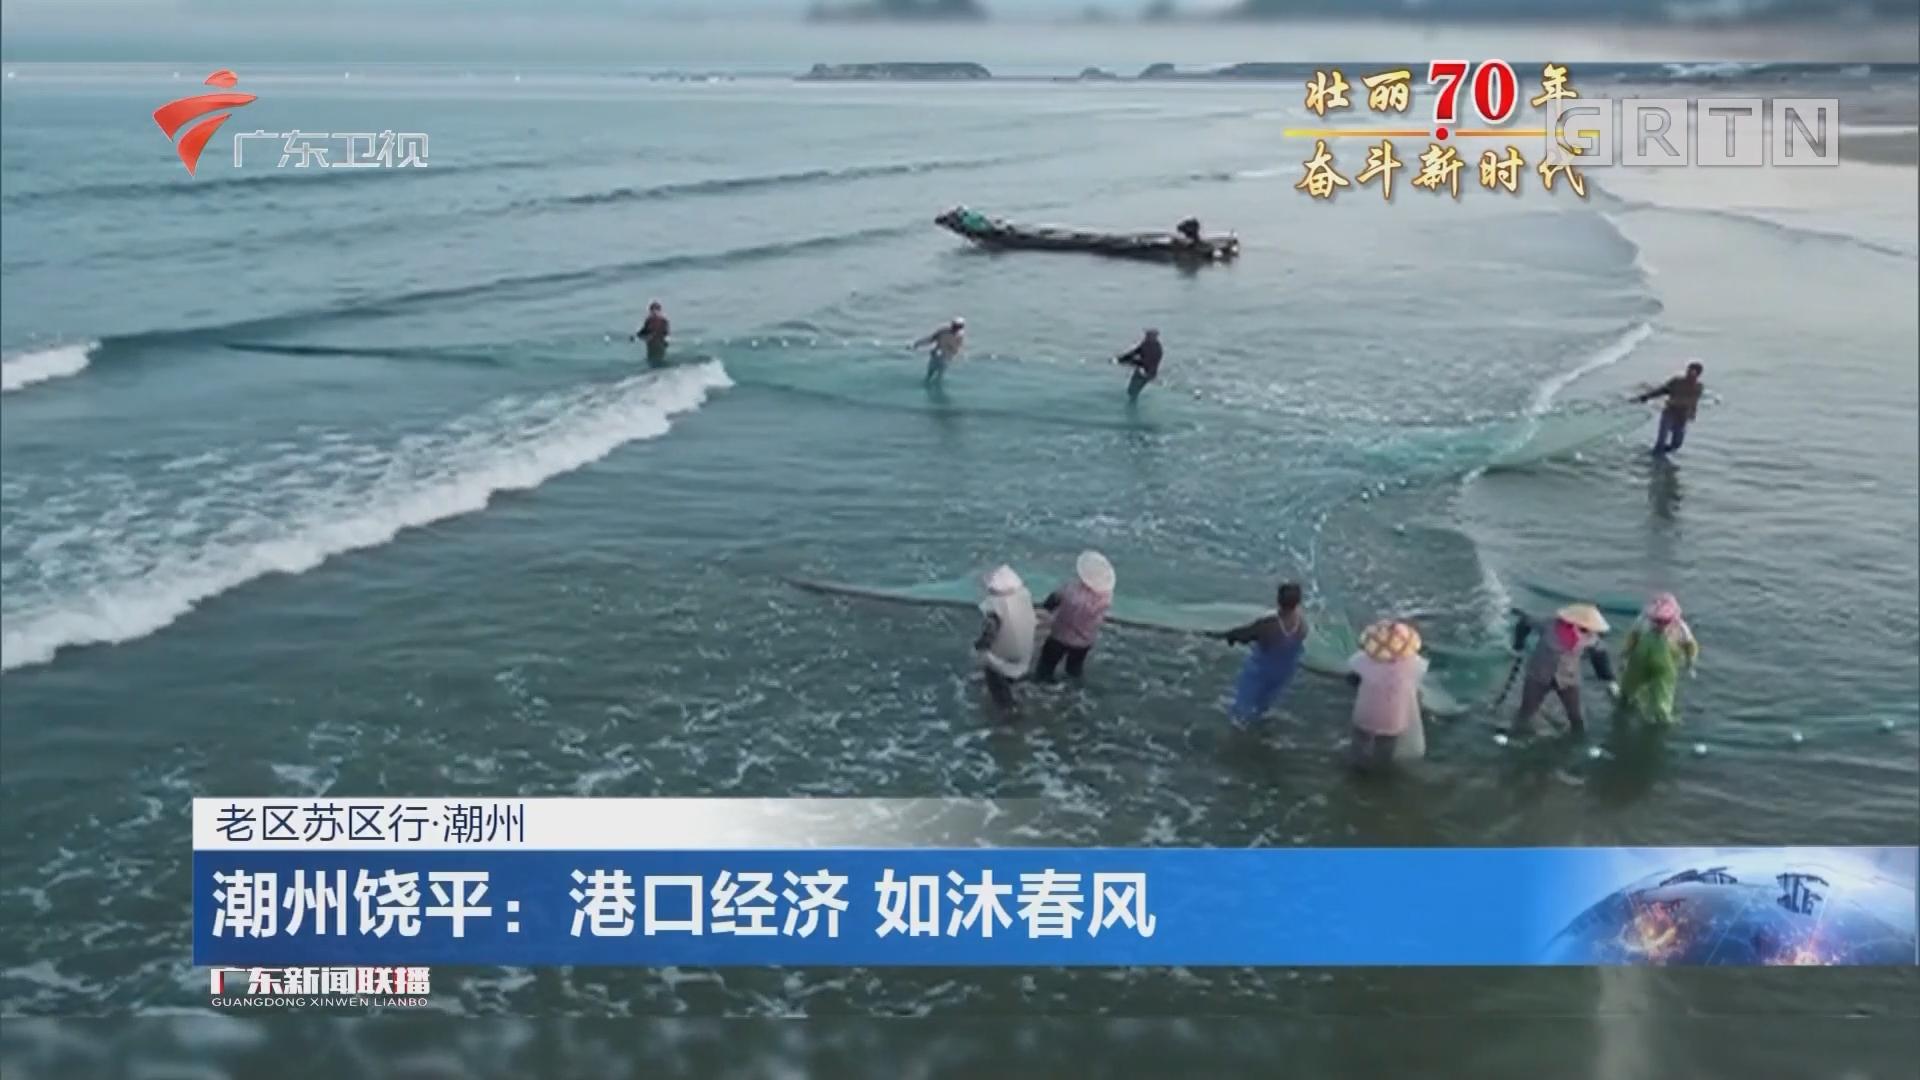 潮州饶平:港口经济 如沐春风